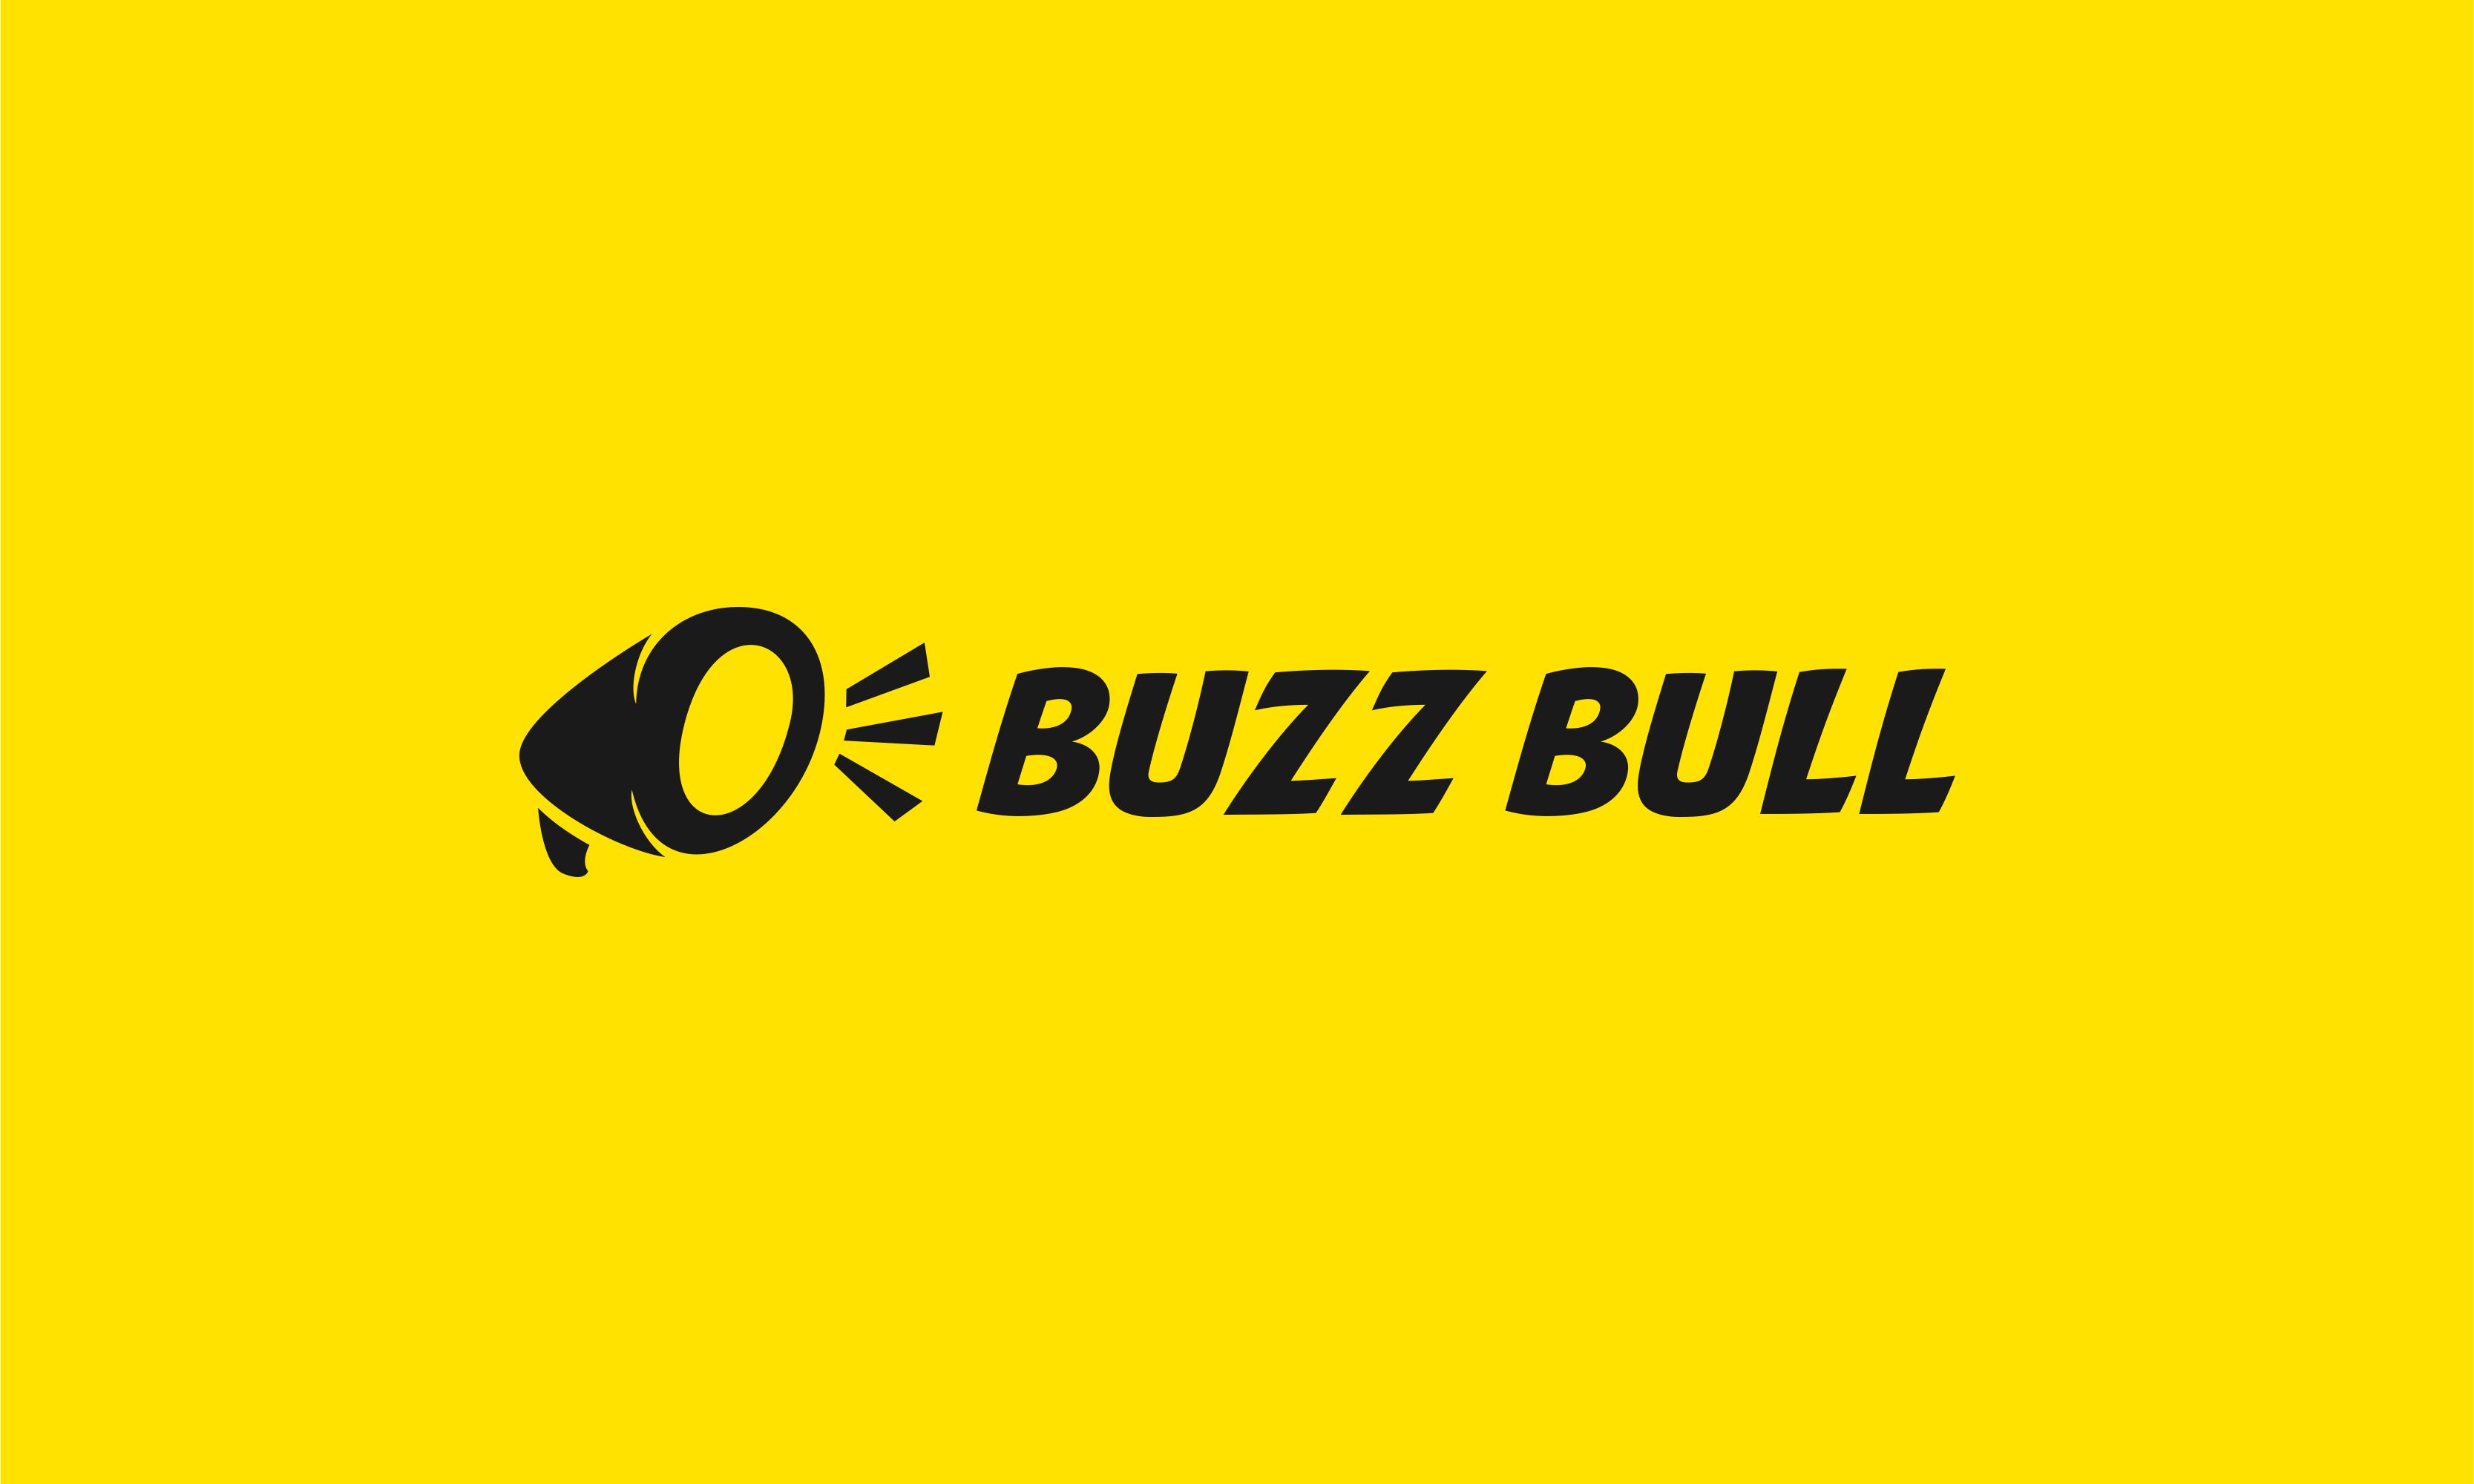 Buzzbull